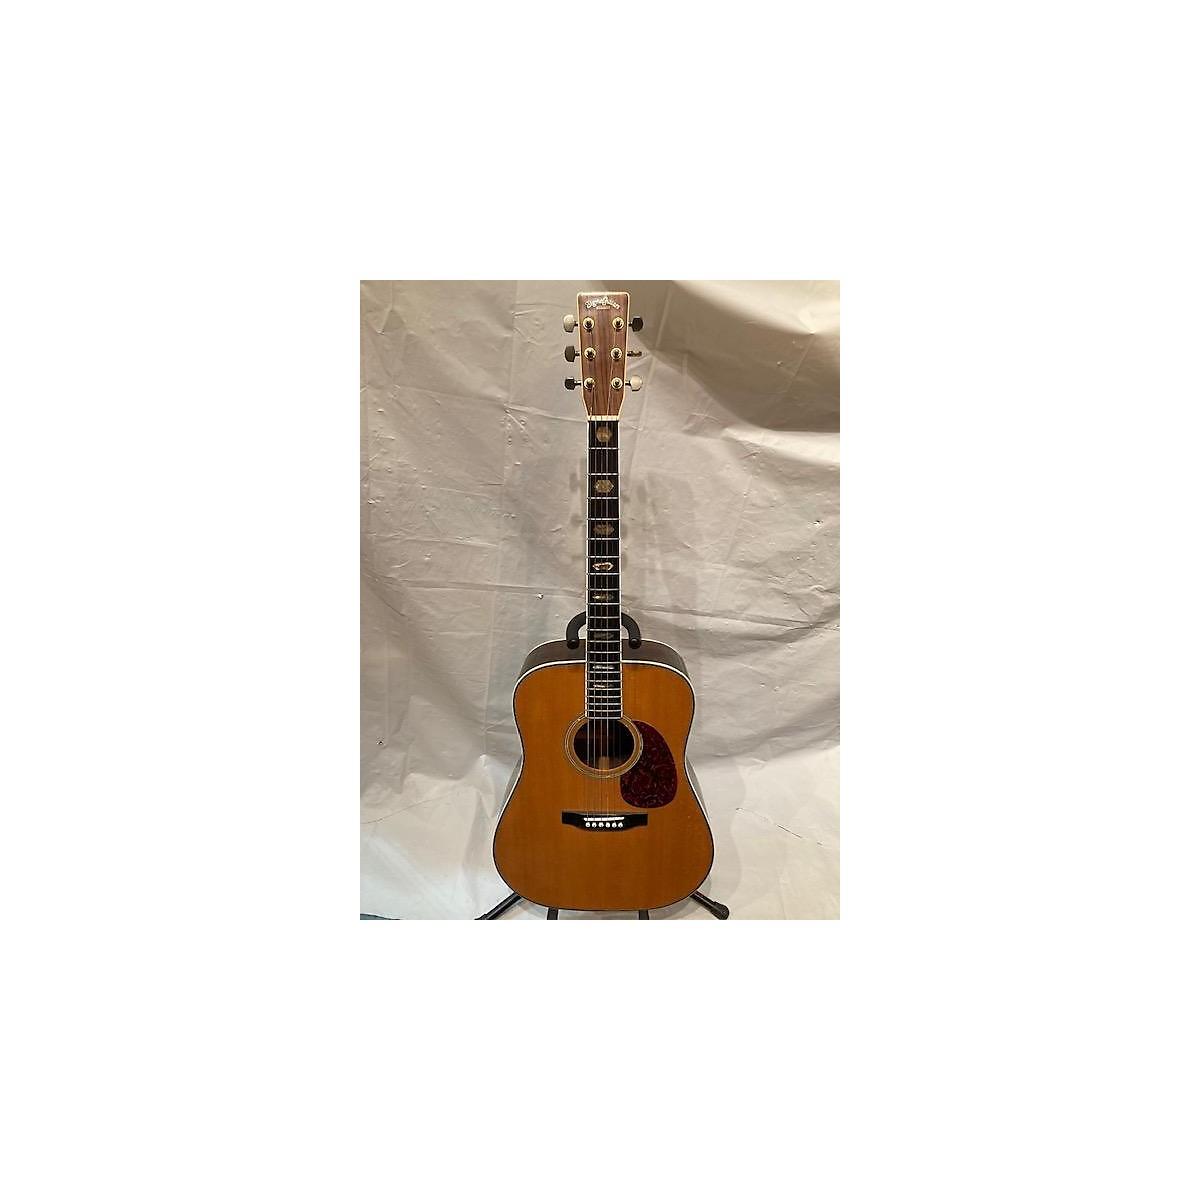 SIGMA DP41 Acoustic Guitar